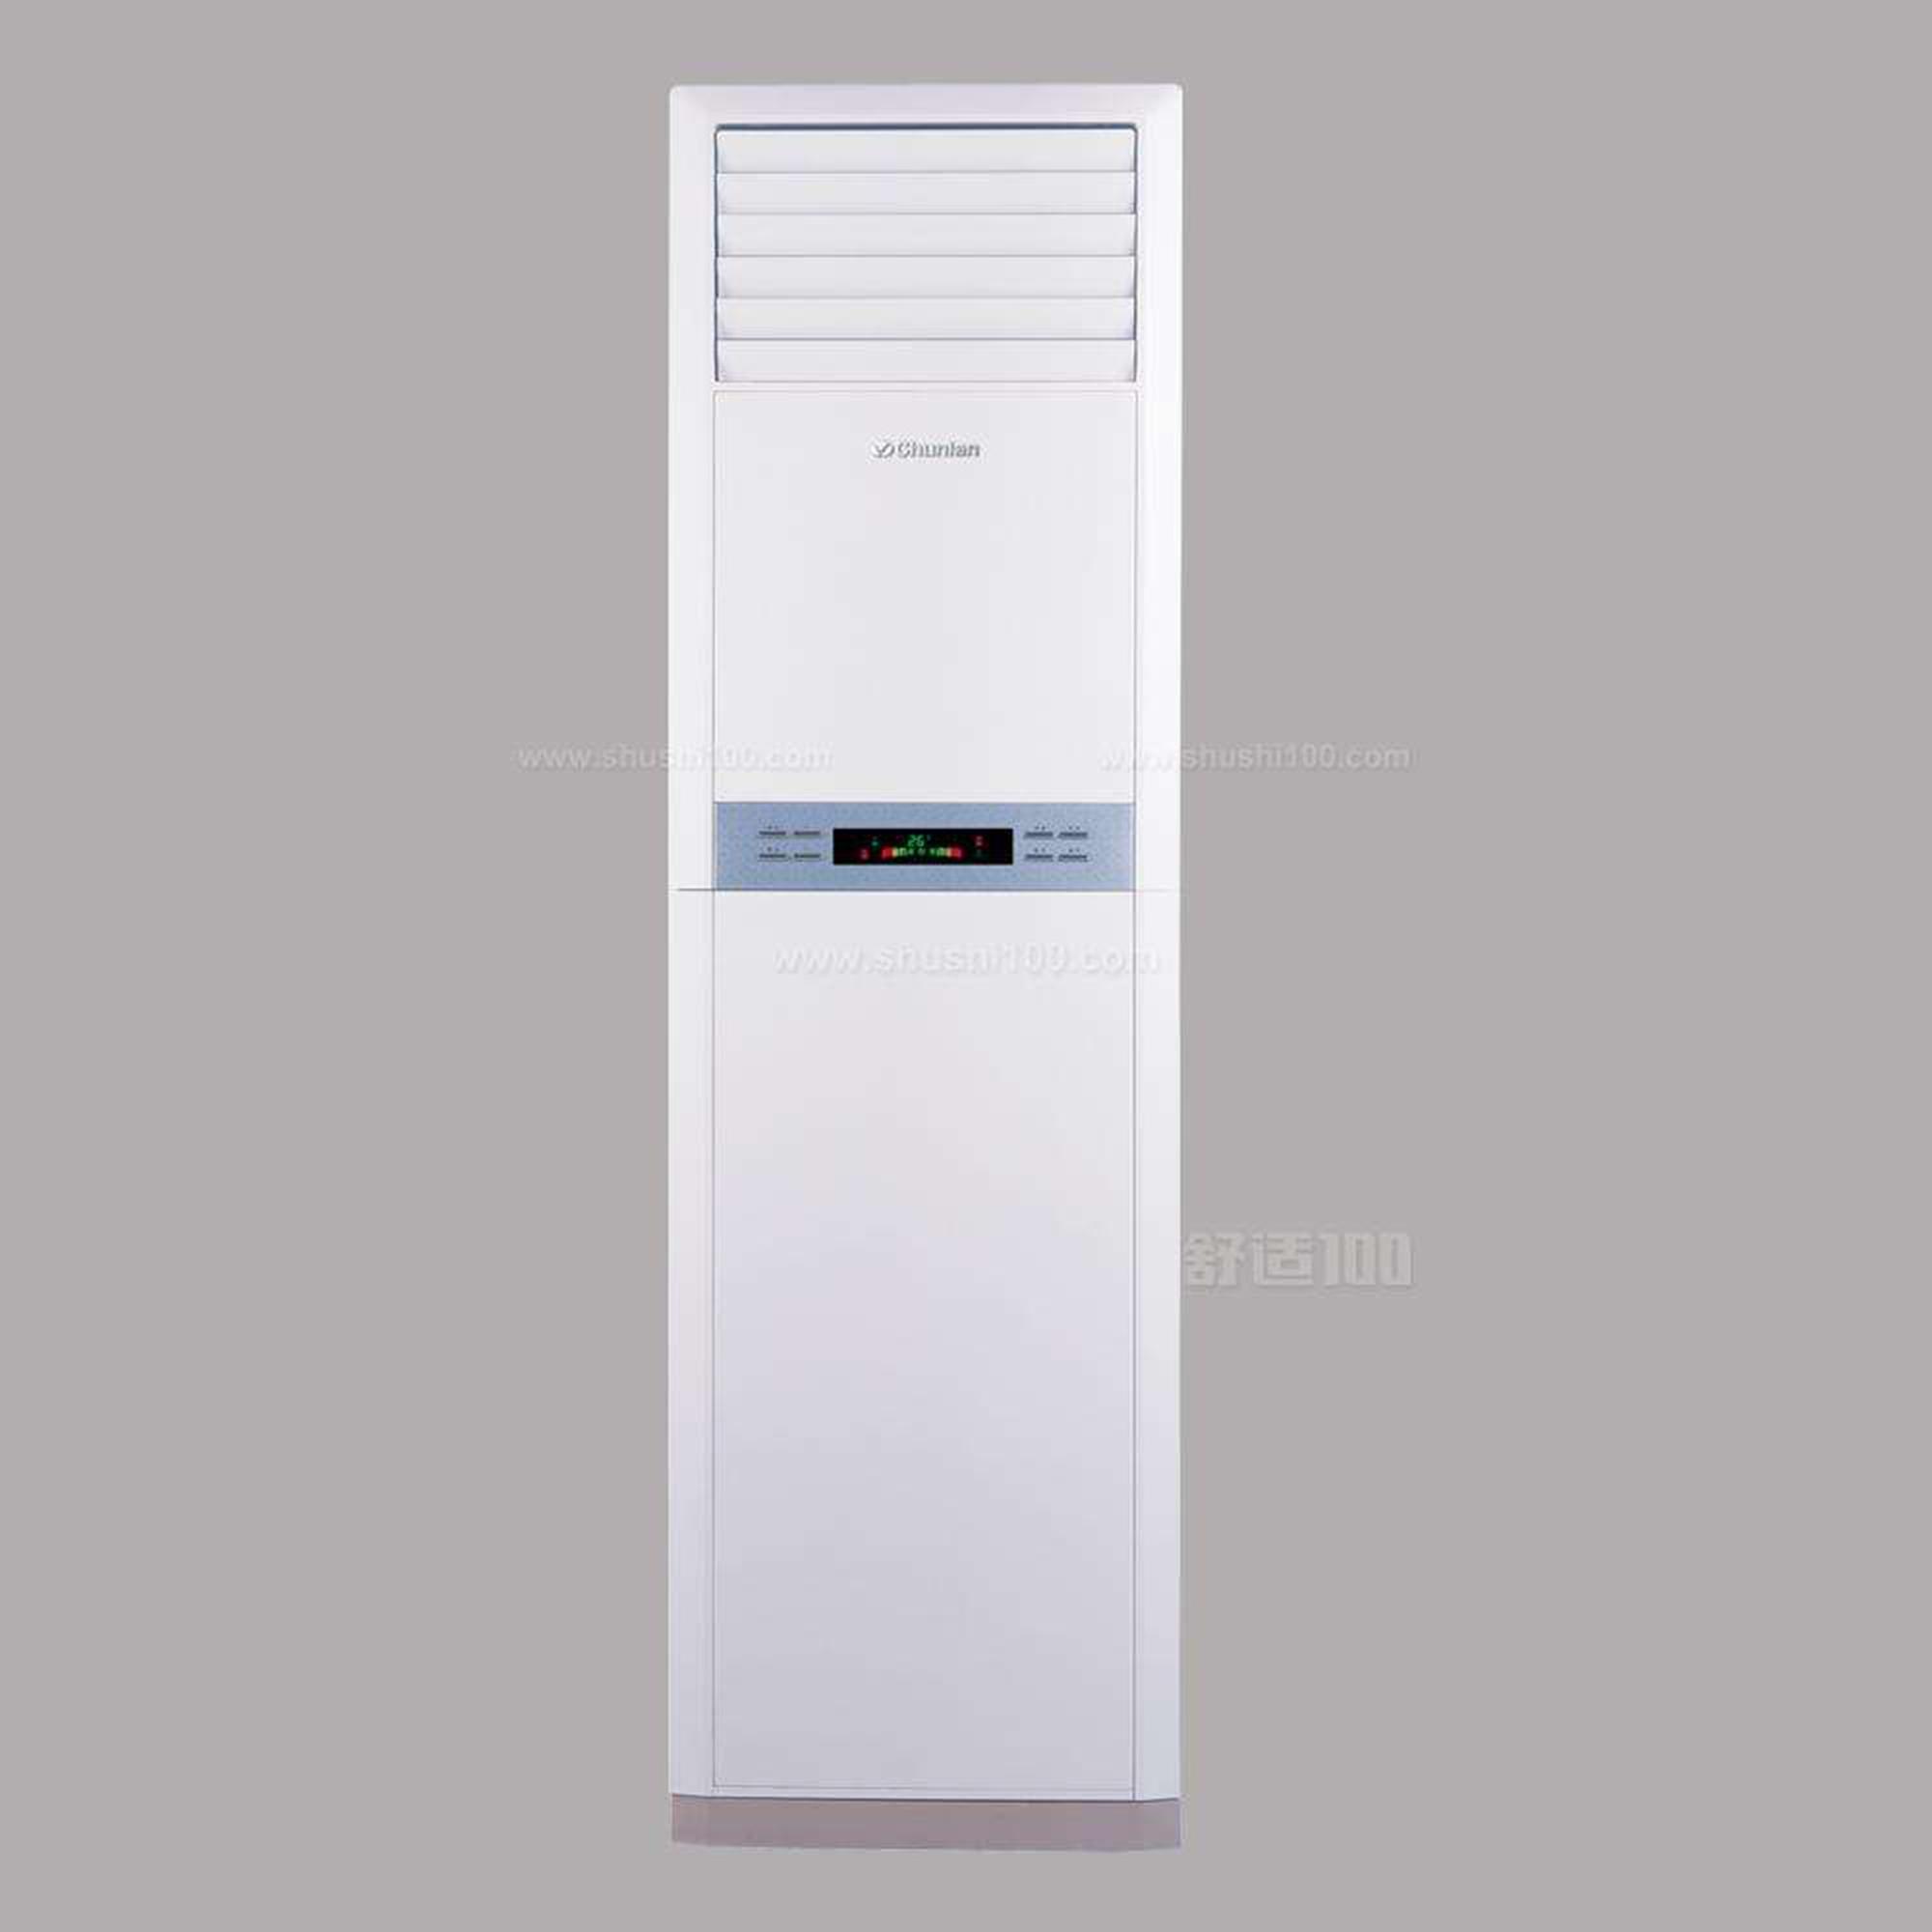 青島二手空調供應商|即墨二手空調回收